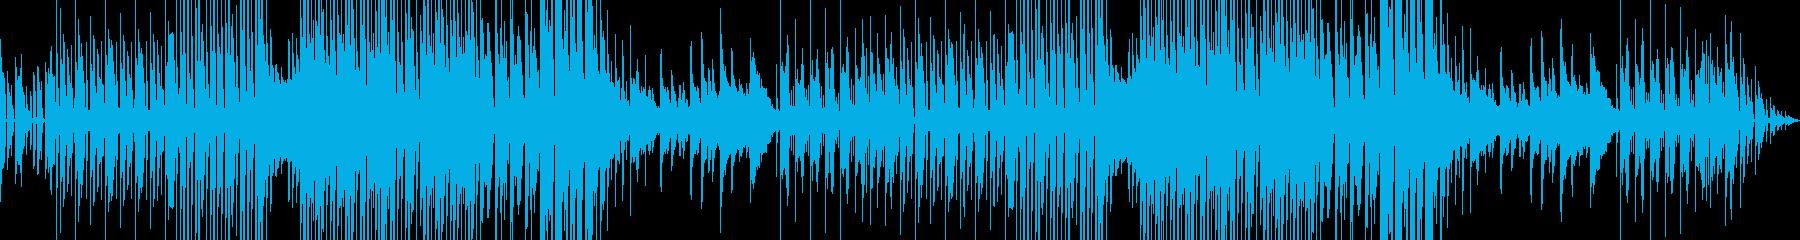 ファンクなエレクトロスウィング風ジャズの再生済みの波形